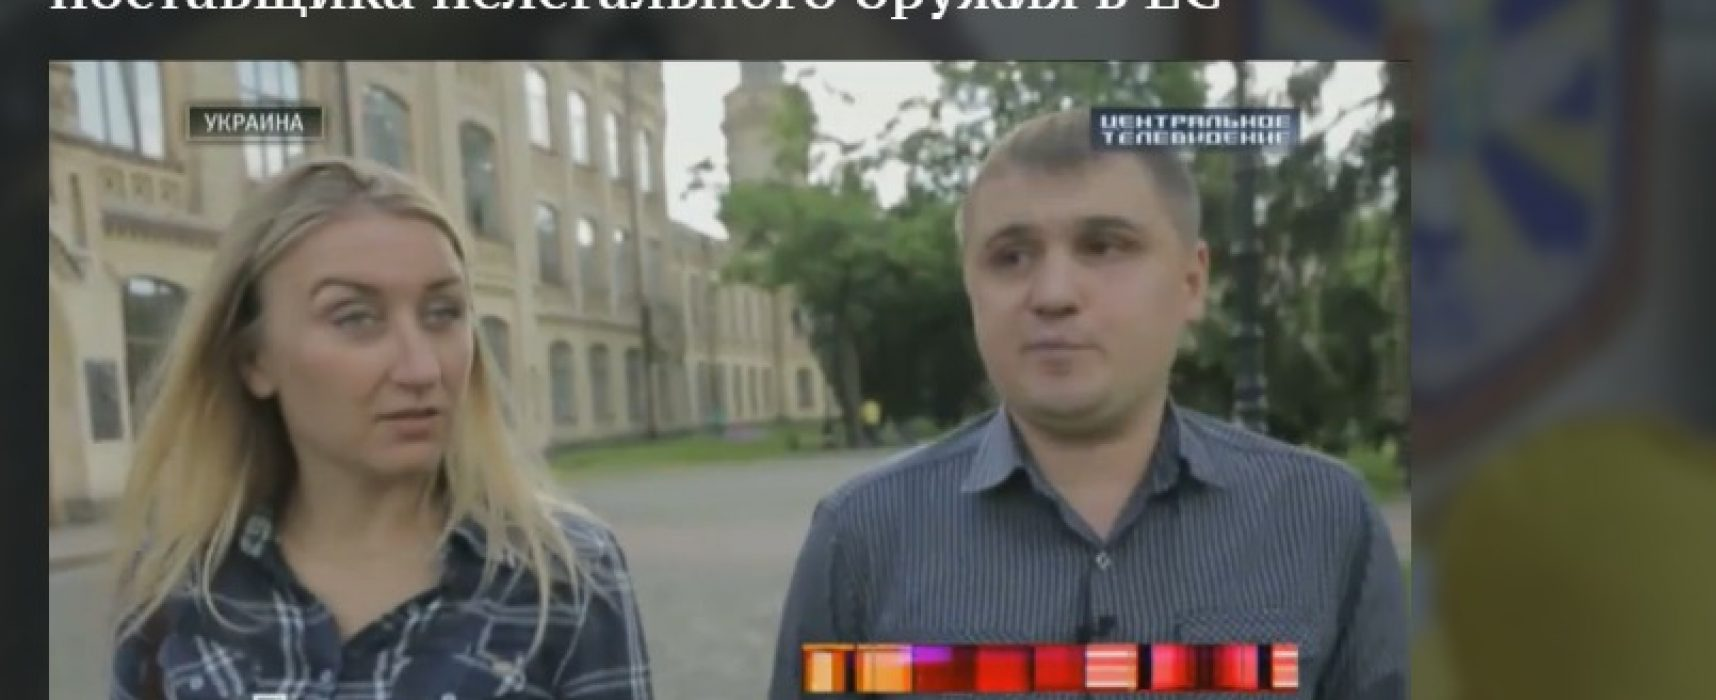 НТВ представил украинского коммуниста военным экспертом